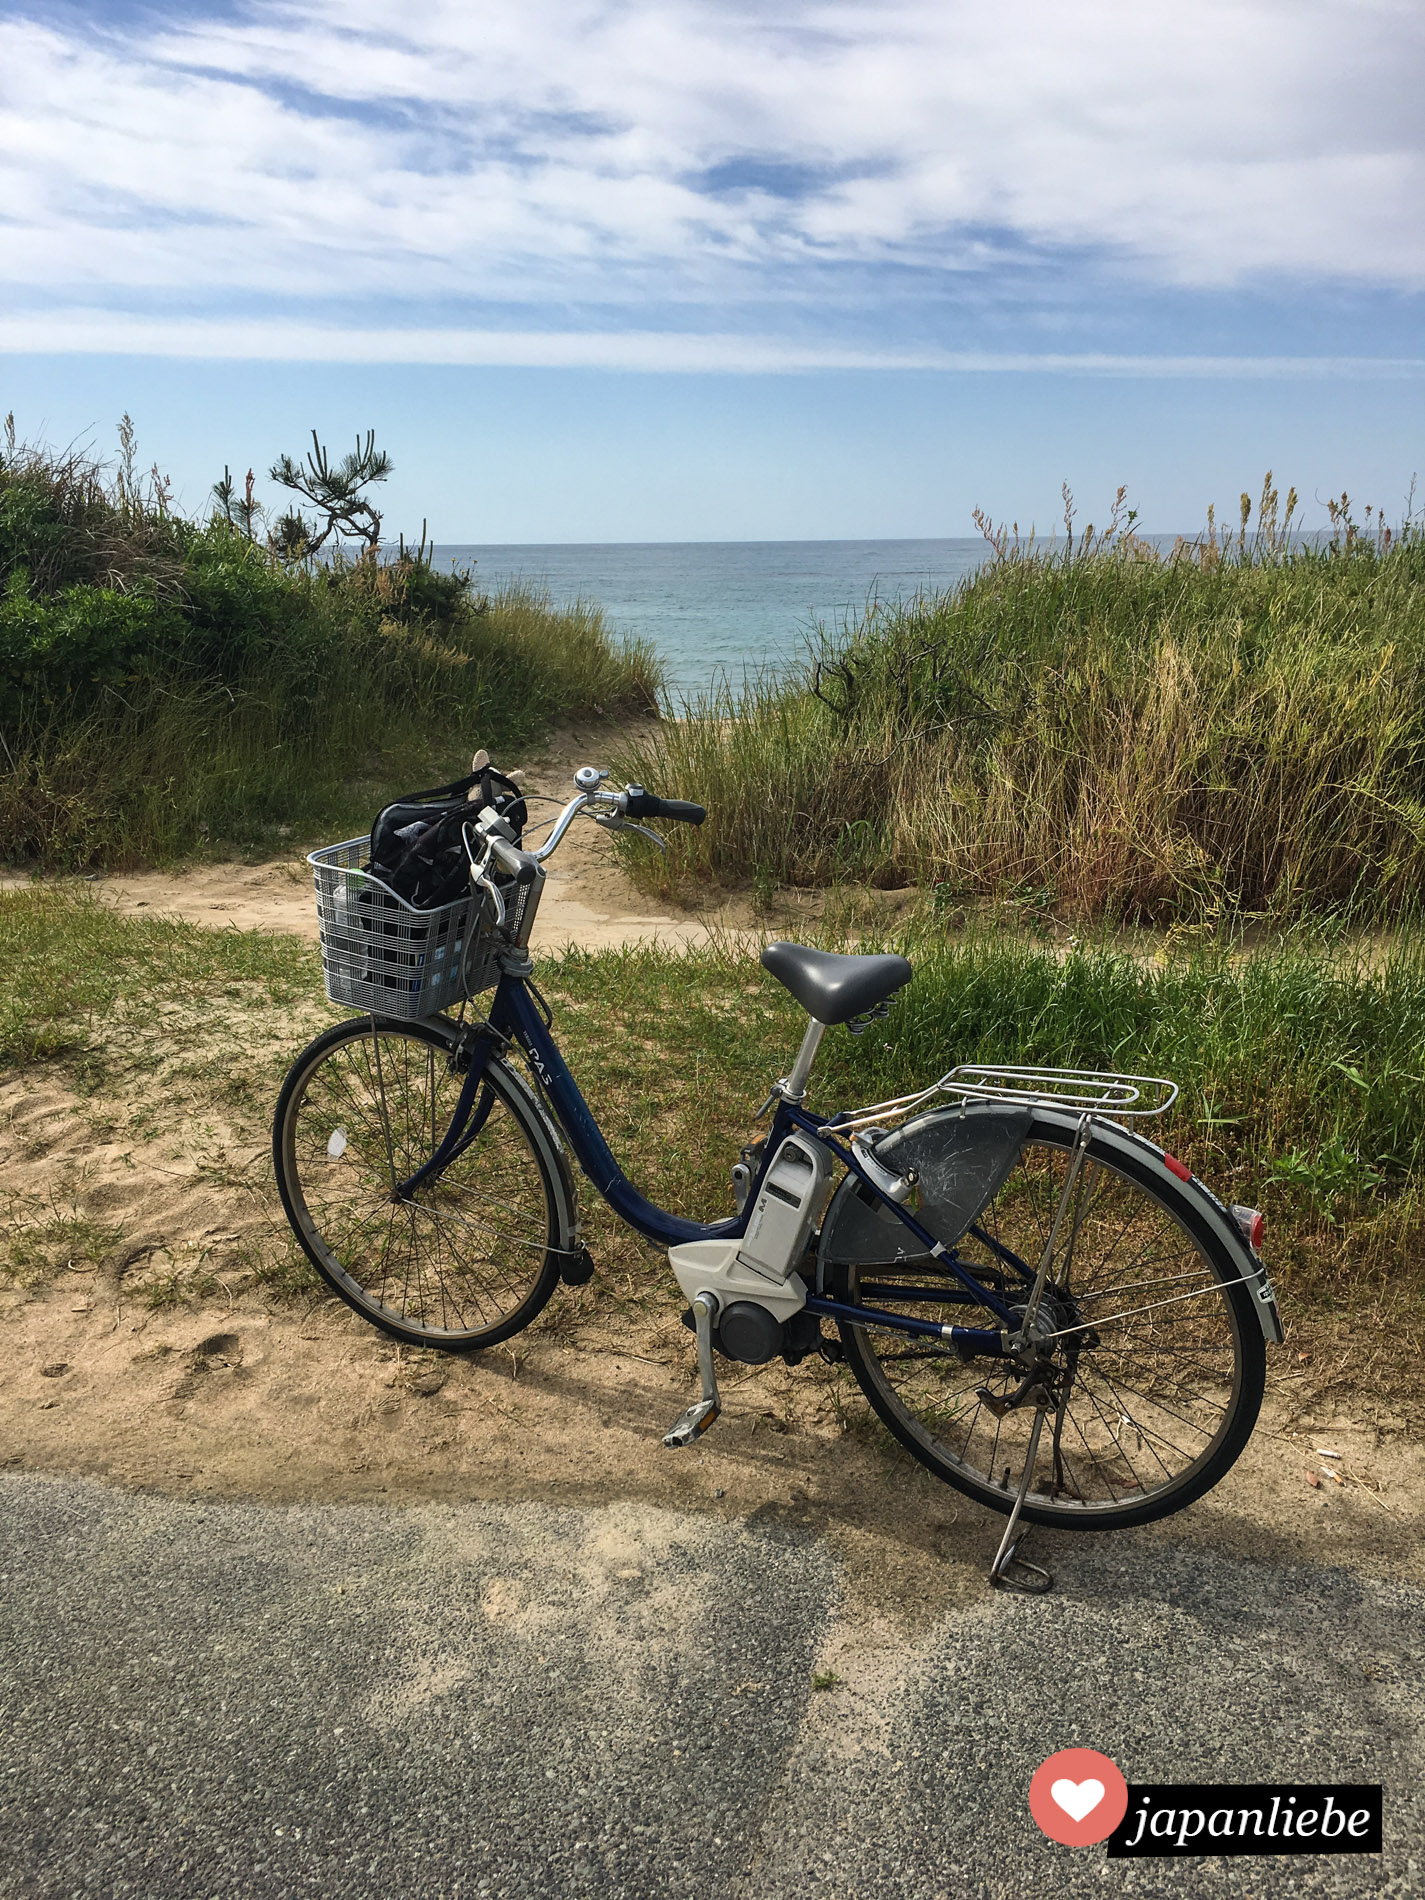 Mein geliehenes E-Bike steht am Strand von Iwami. Toller kann man Japan nicht erkunden.